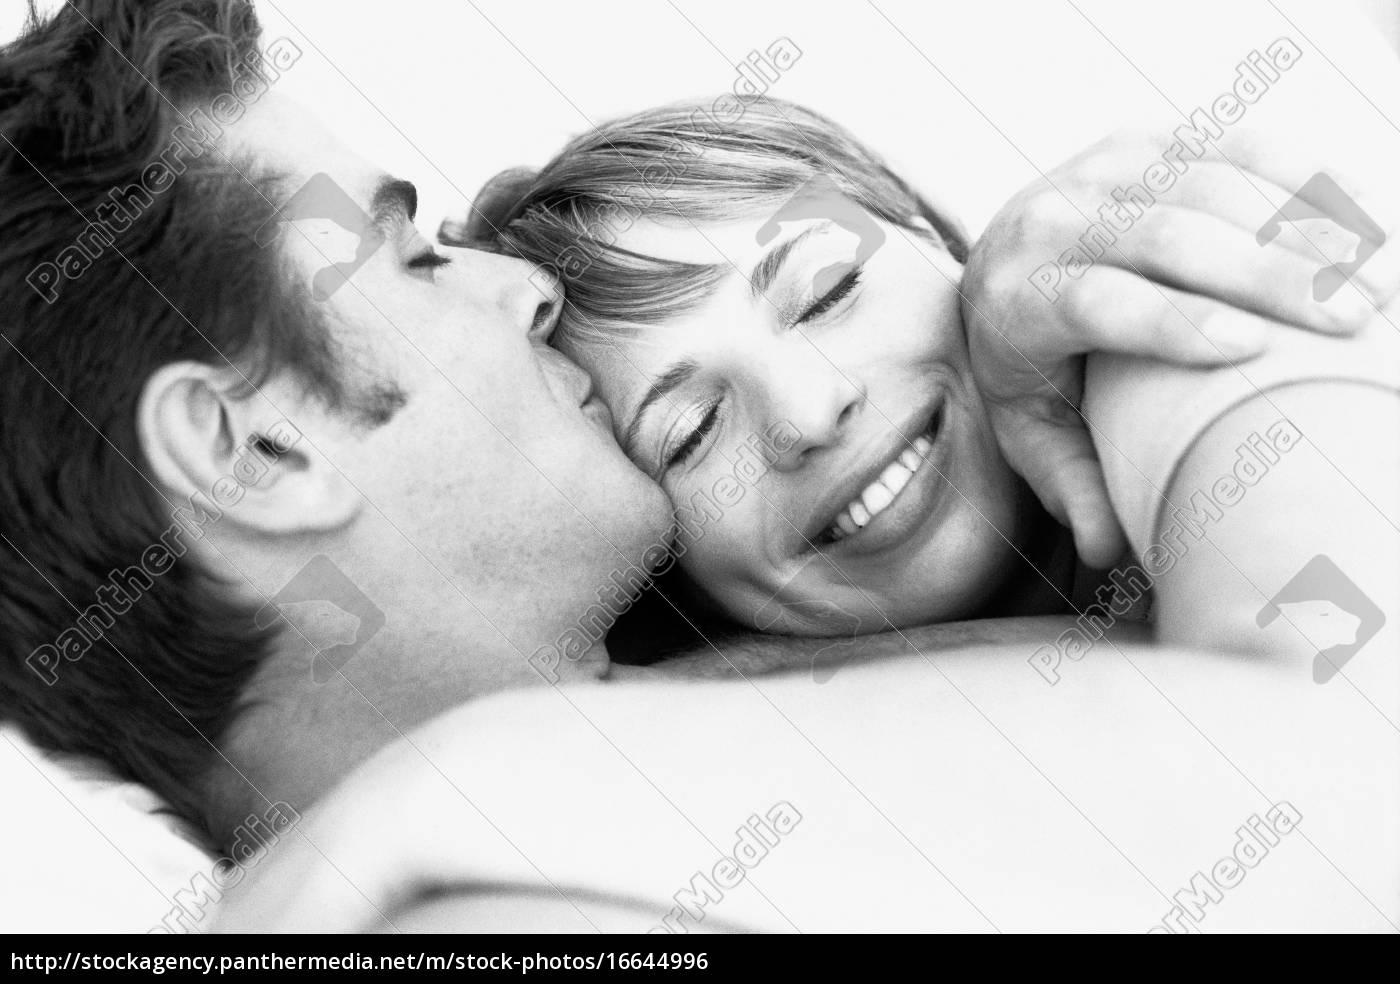 pareja, abrazándose, hombre, besando, la, frente, de - 16644996